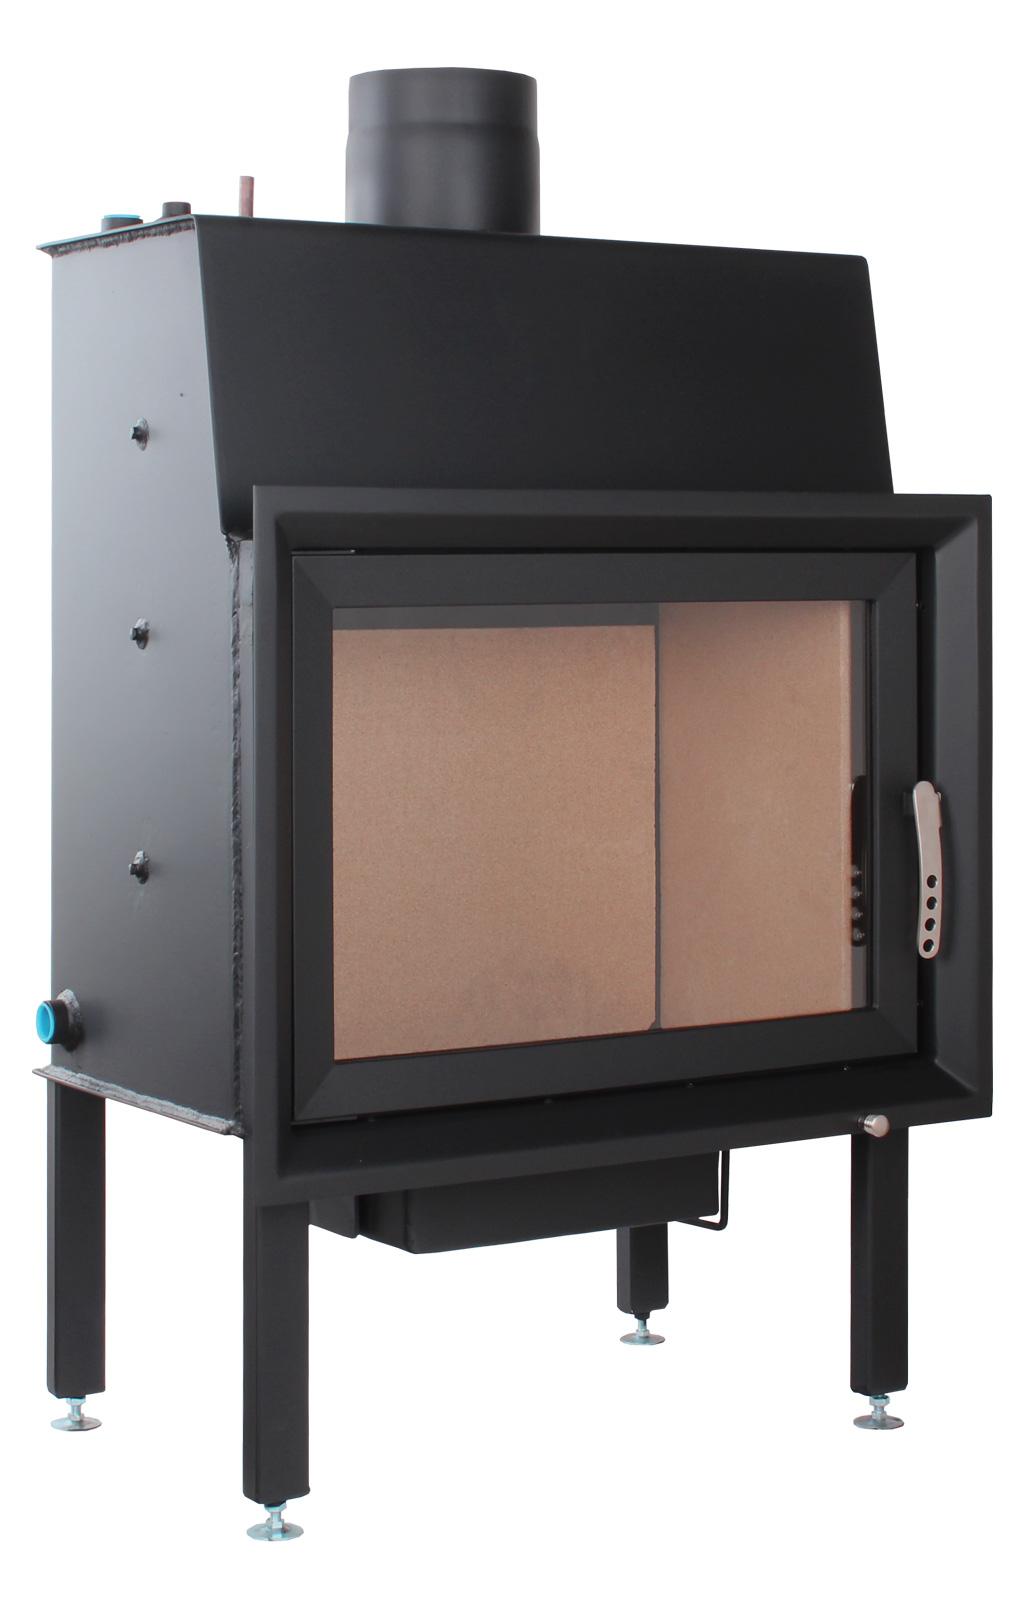 kamineinsatz wasserf hrend rohem aquatech egra 24 0 kw mit. Black Bedroom Furniture Sets. Home Design Ideas